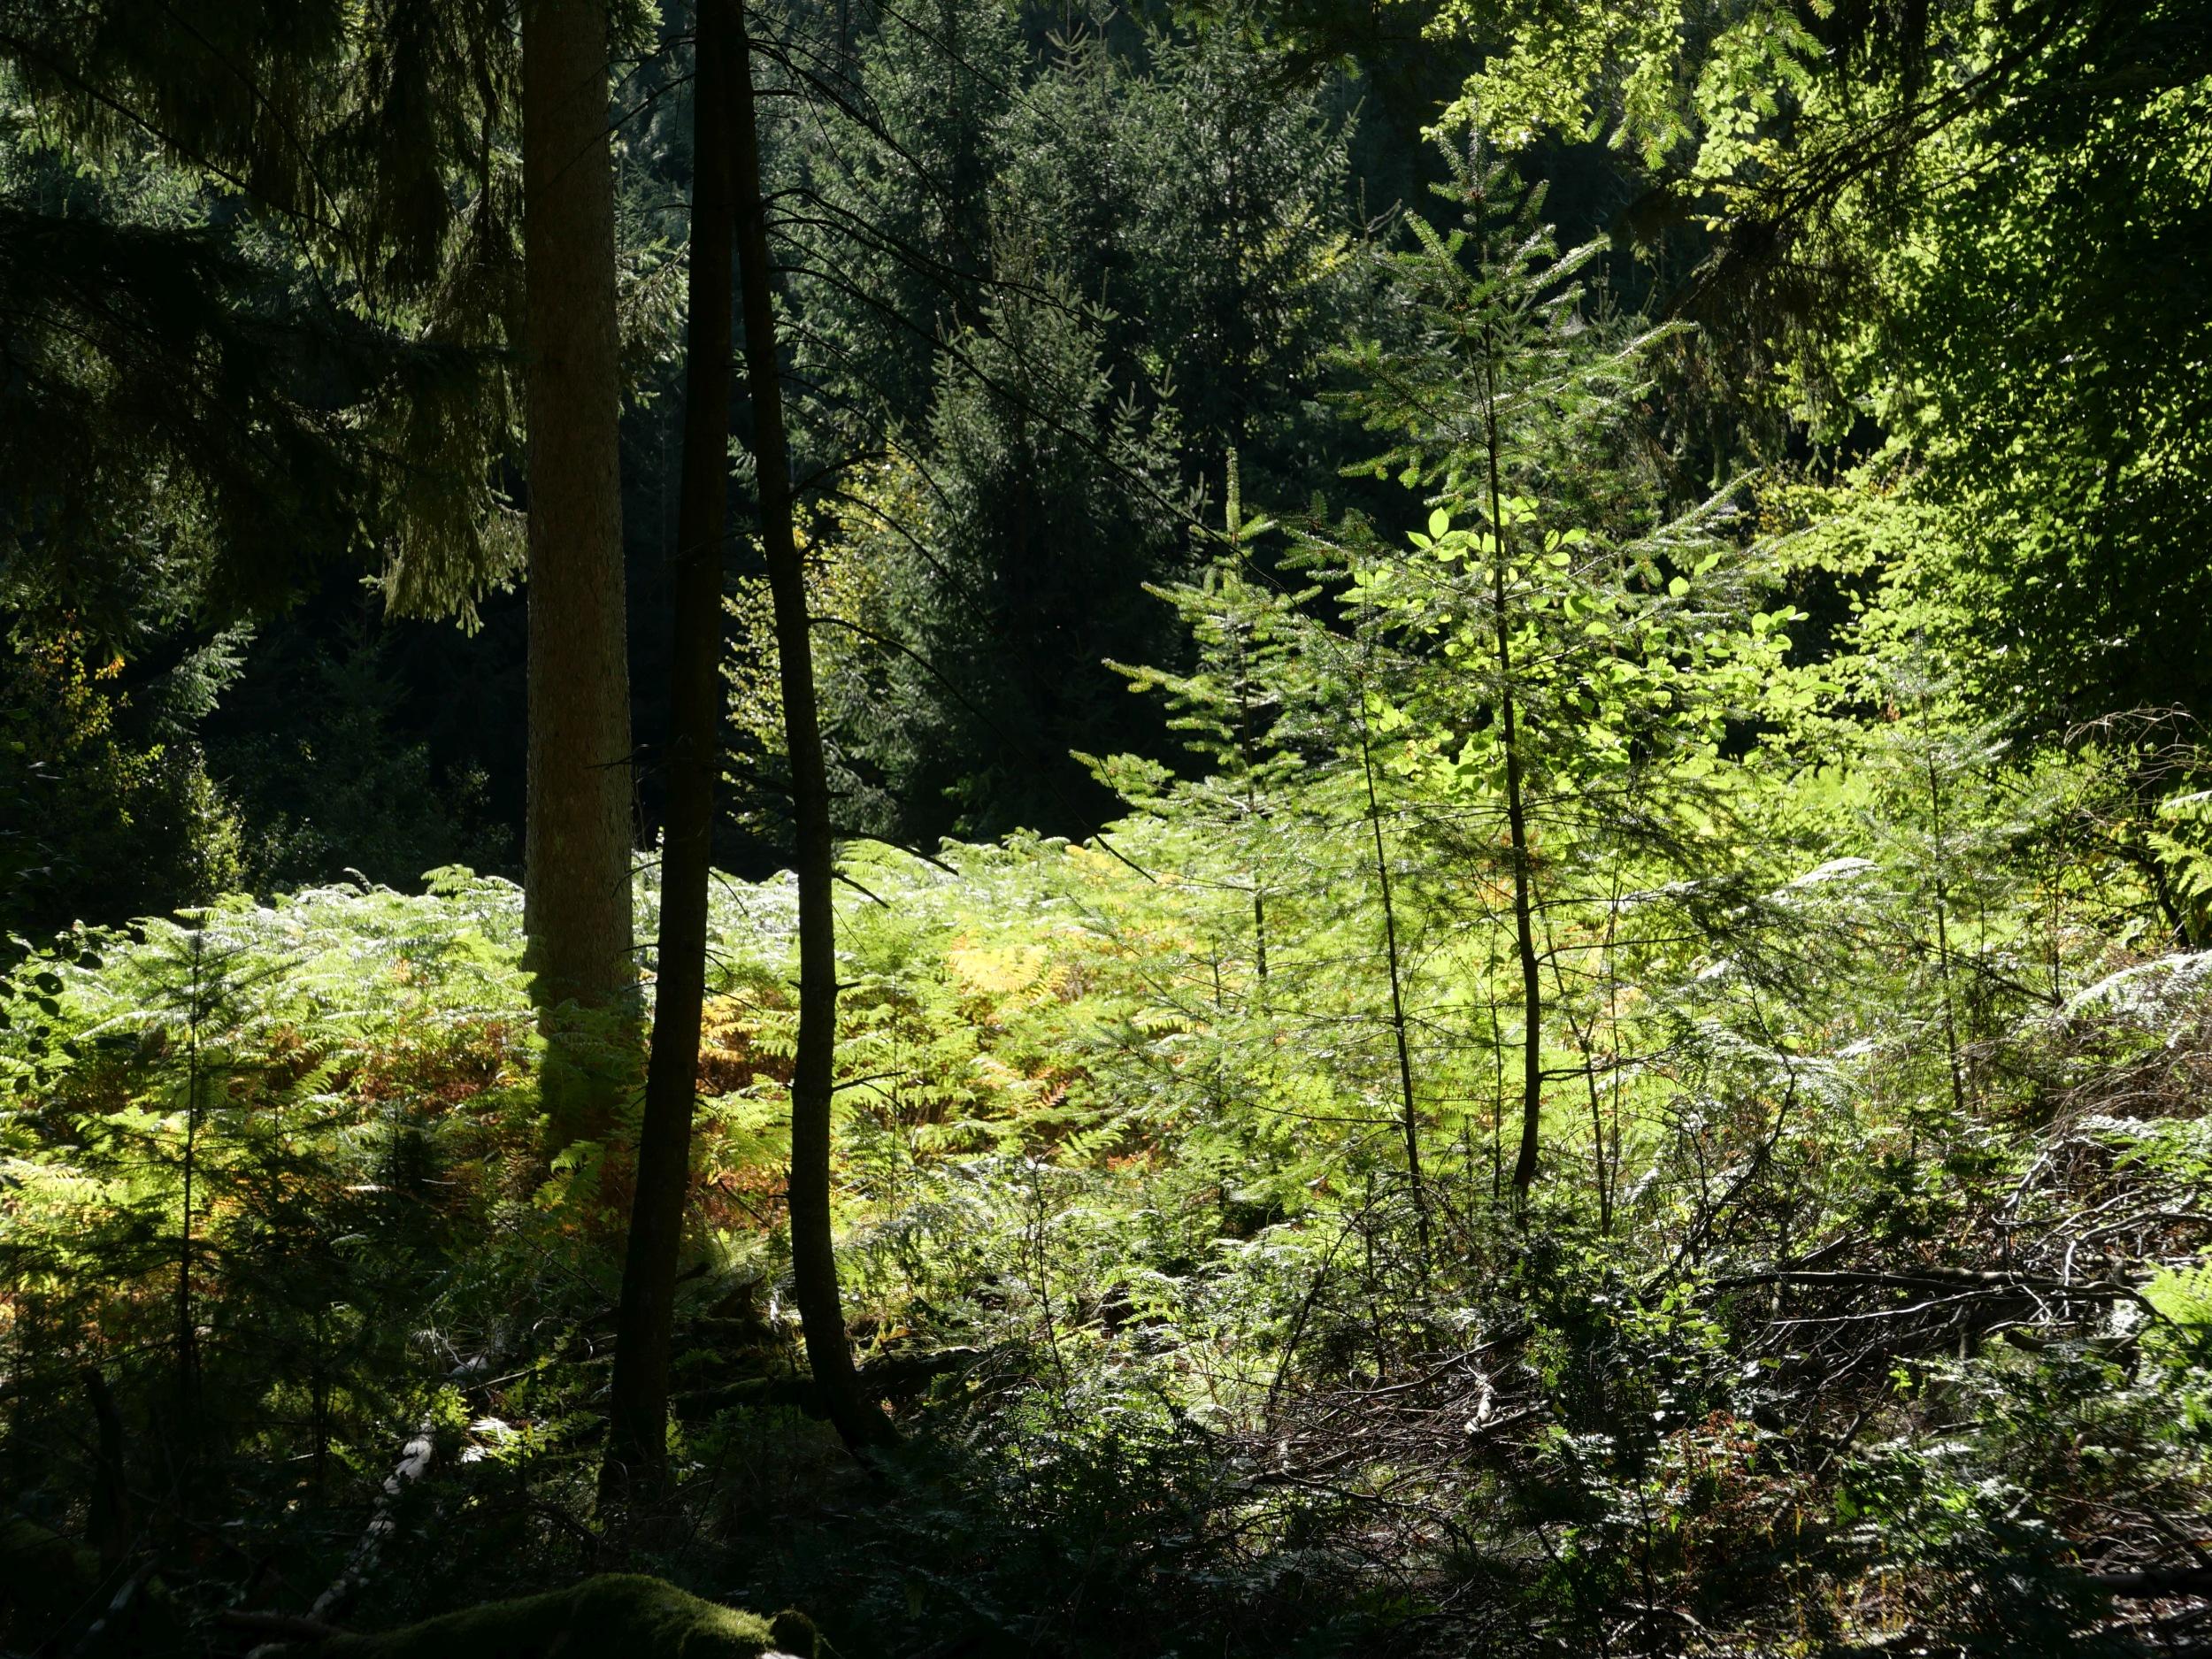 Urlaub daheim am Hexenbaum - und damit im sagenhaften, waldreichen Spessart -